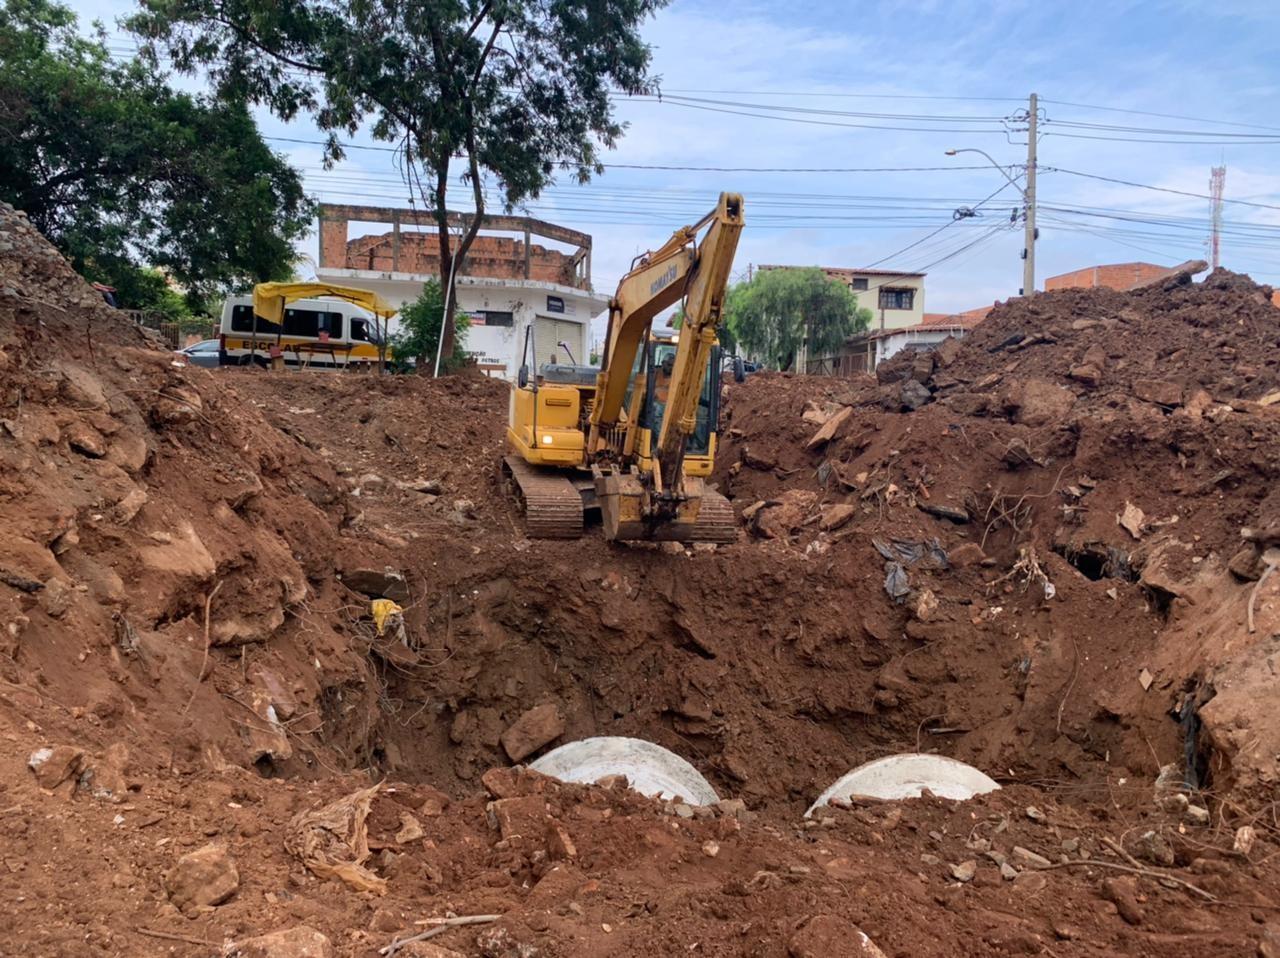 Cruzamento em São Carlos é interditado para obras em área de erosão no Santa Felícia